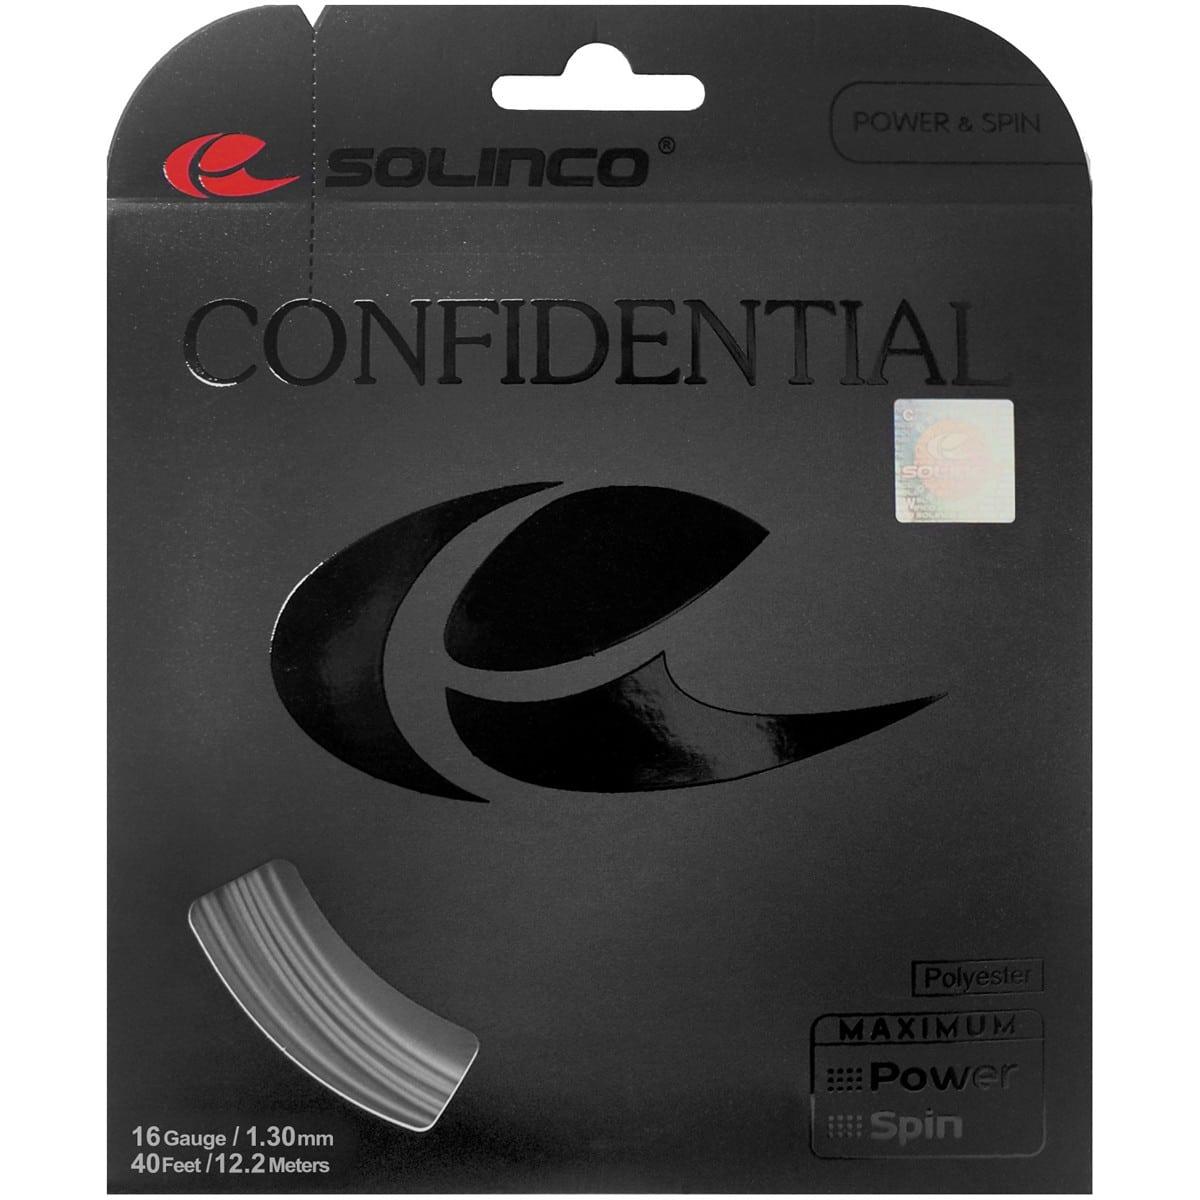 Solinco Confidential